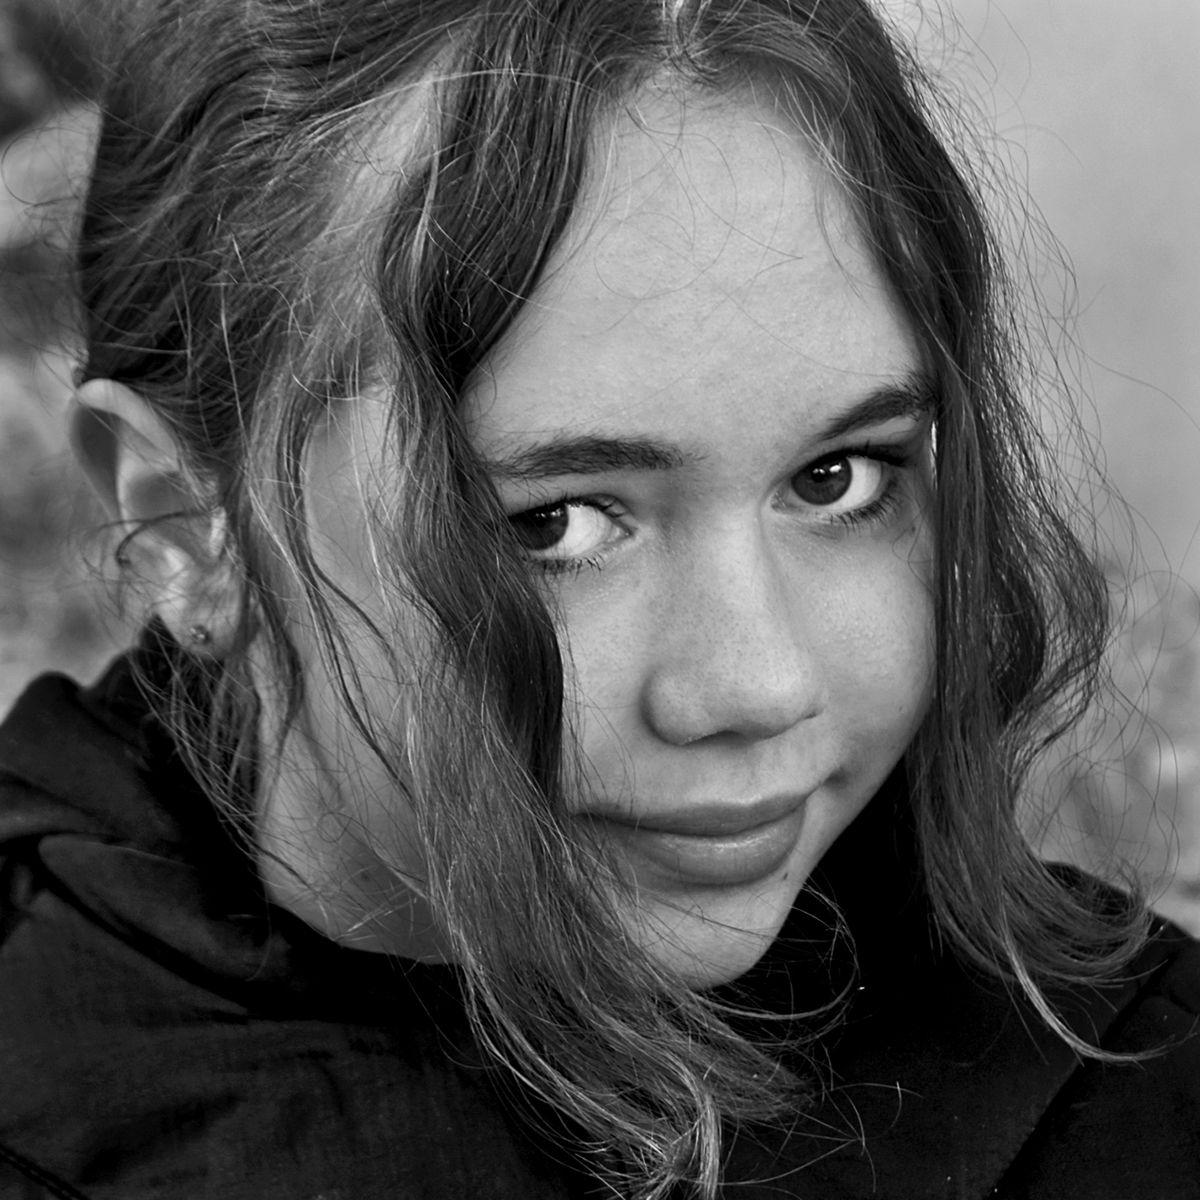 девушка, портрет, глаза, взгляд, волосы, чб, апатиты, мончегорск, Николай Смоляк